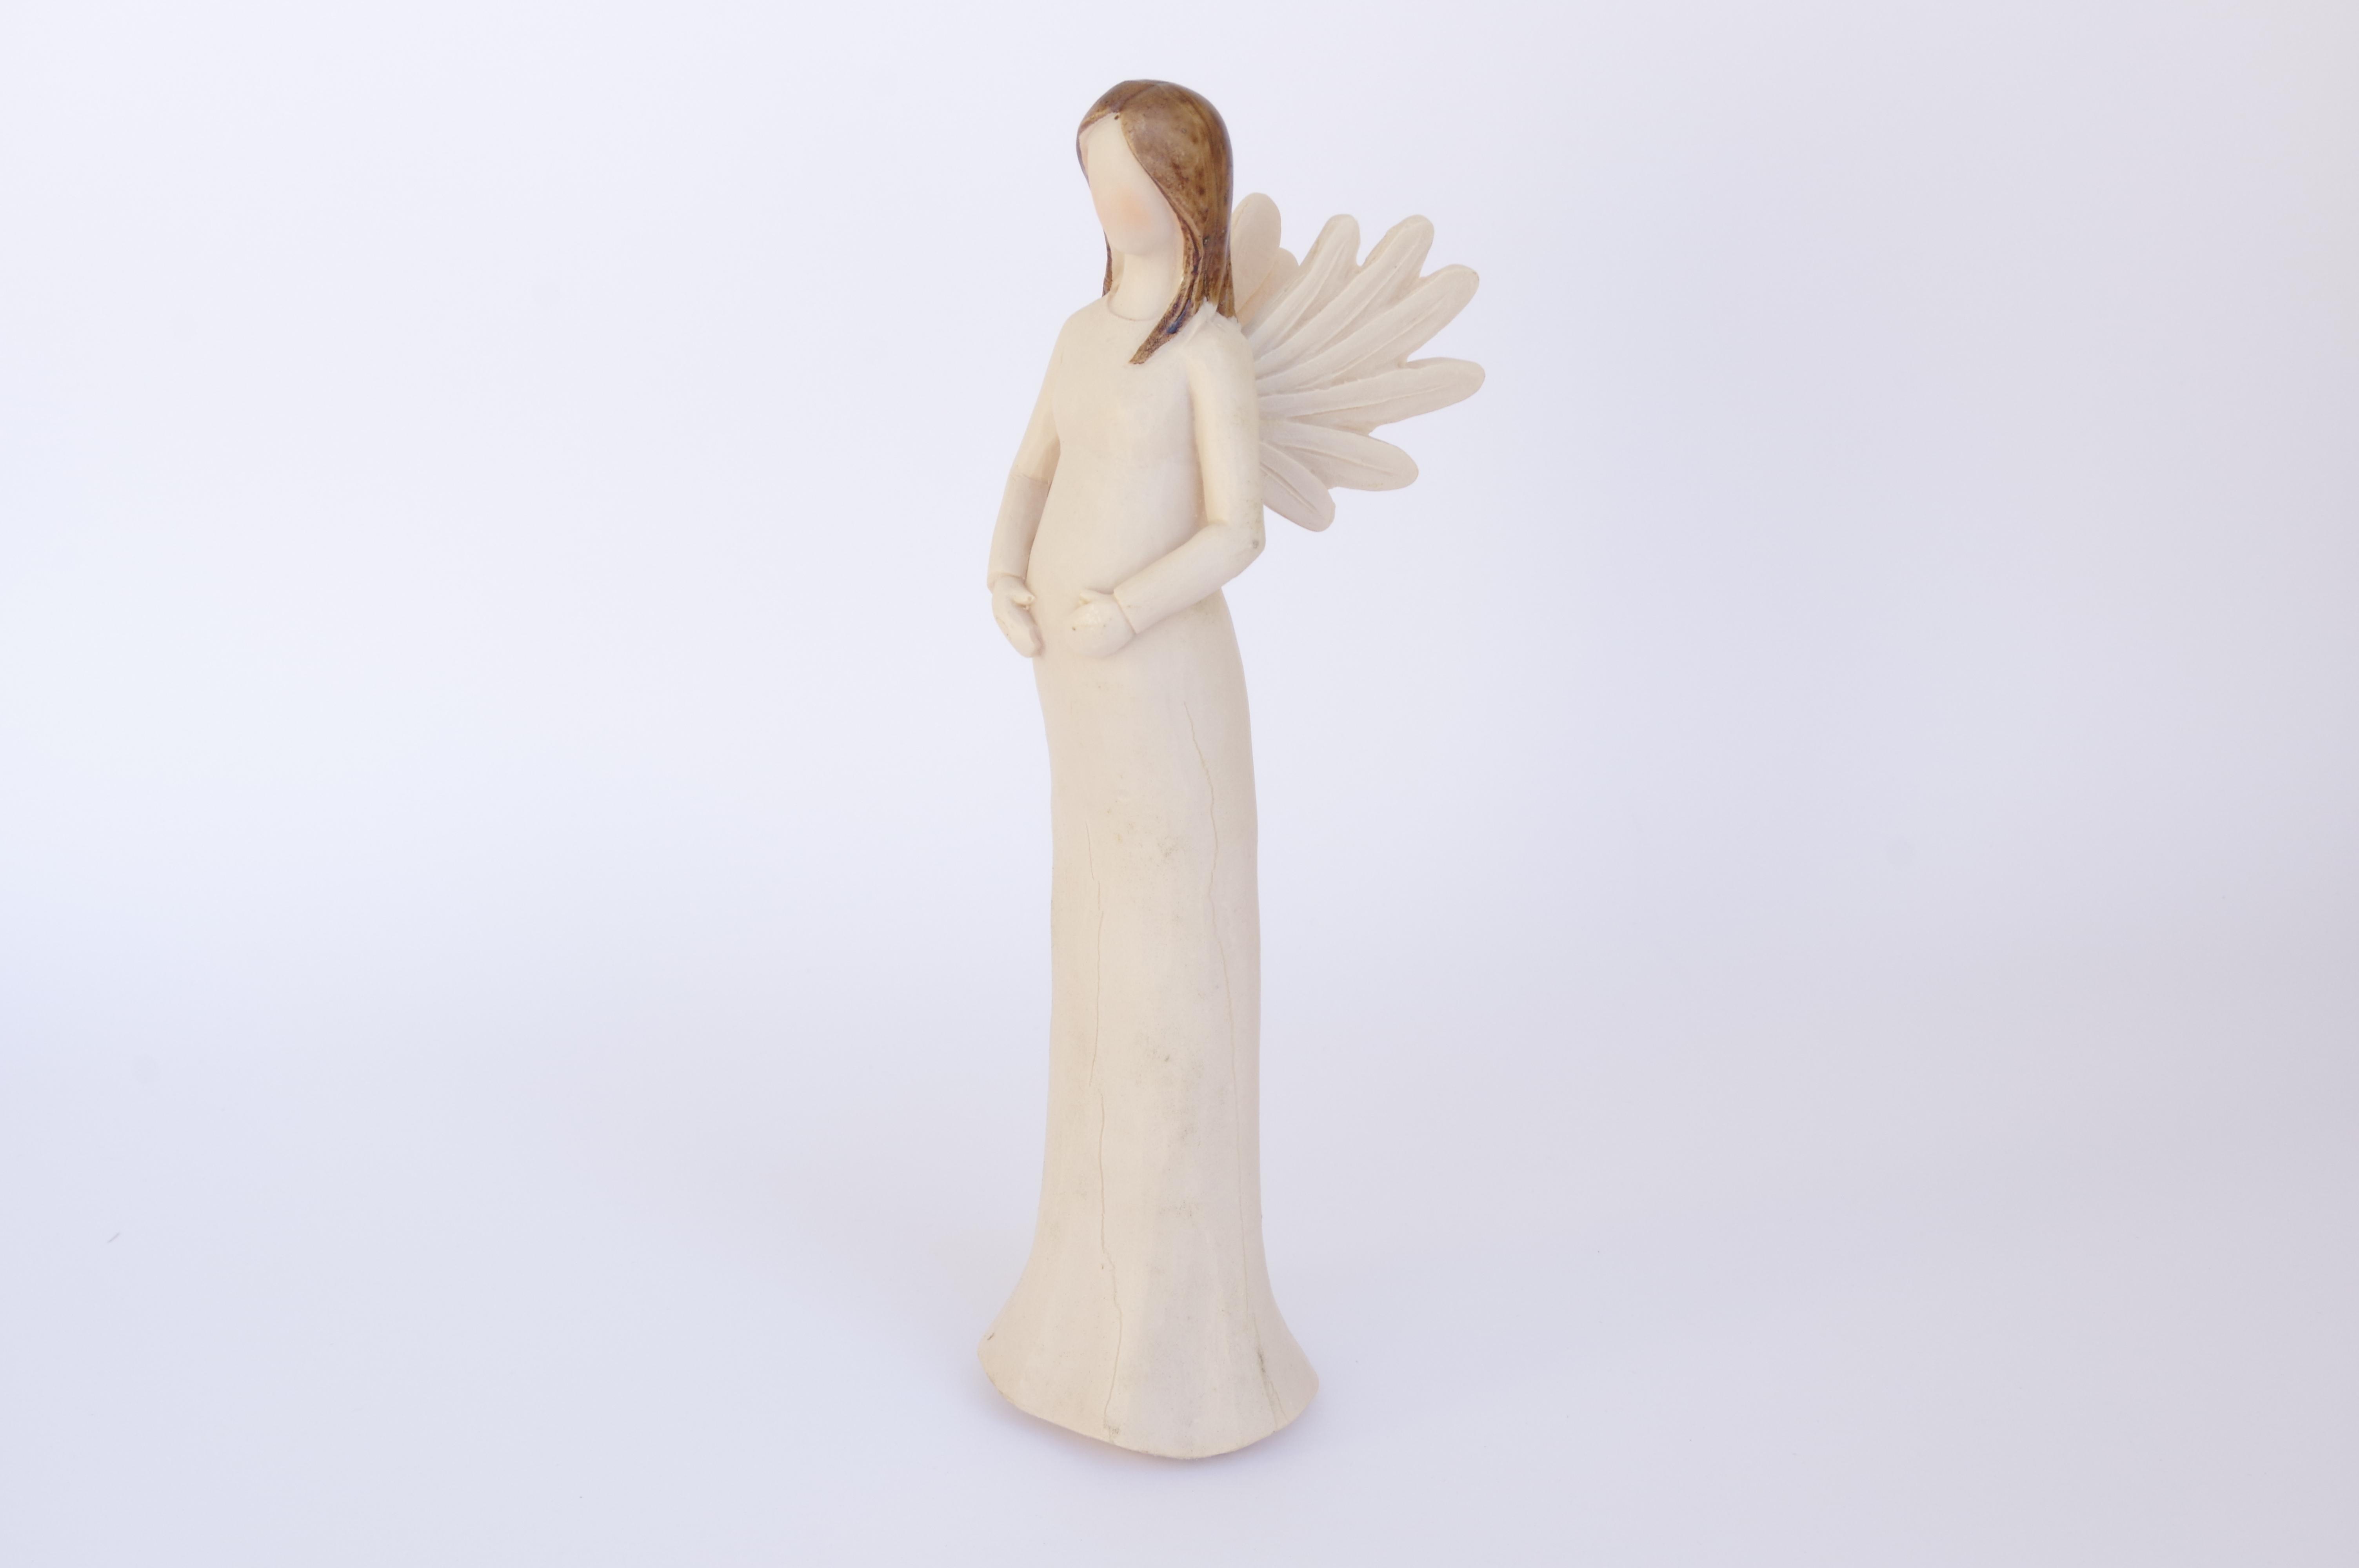 Andělka - těhotná, 25cm